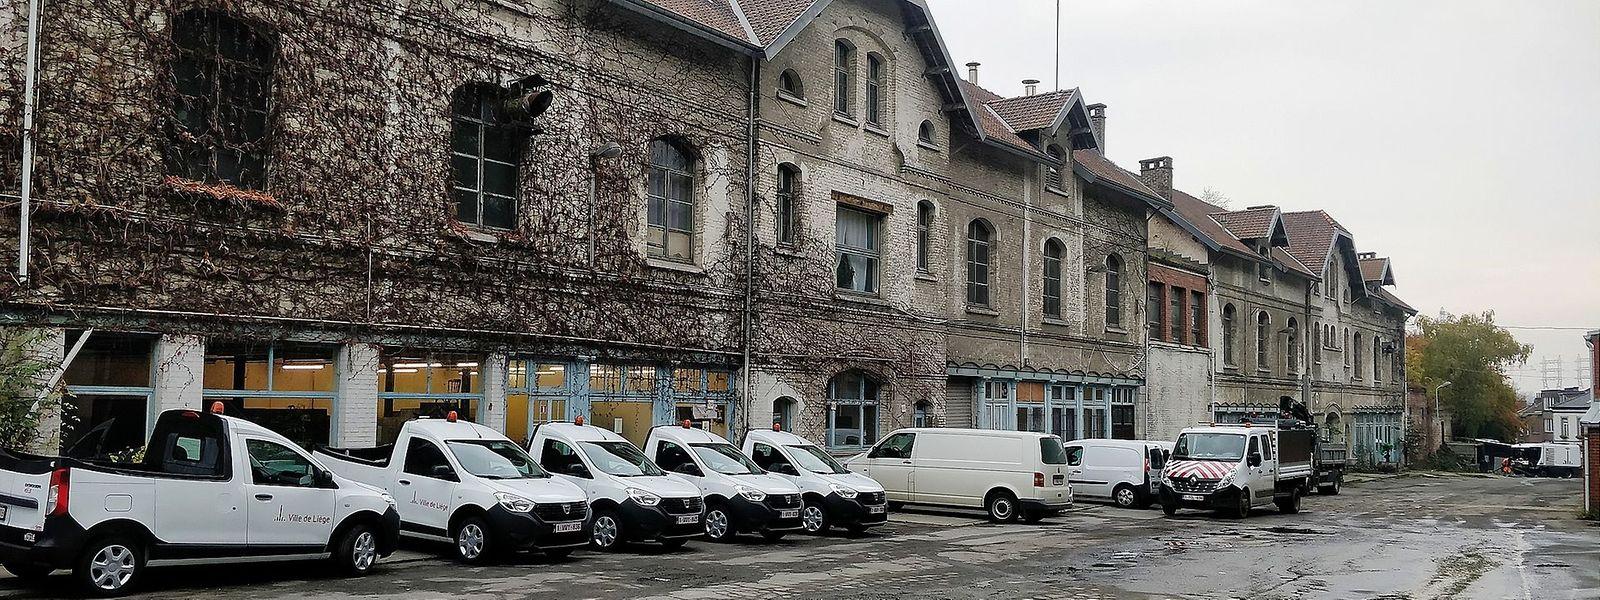 Sur l'année 2018, les 2.054 véhicules de fonction et de service recensés au SPW ont consommé un budget de 10,1 millions d'euros